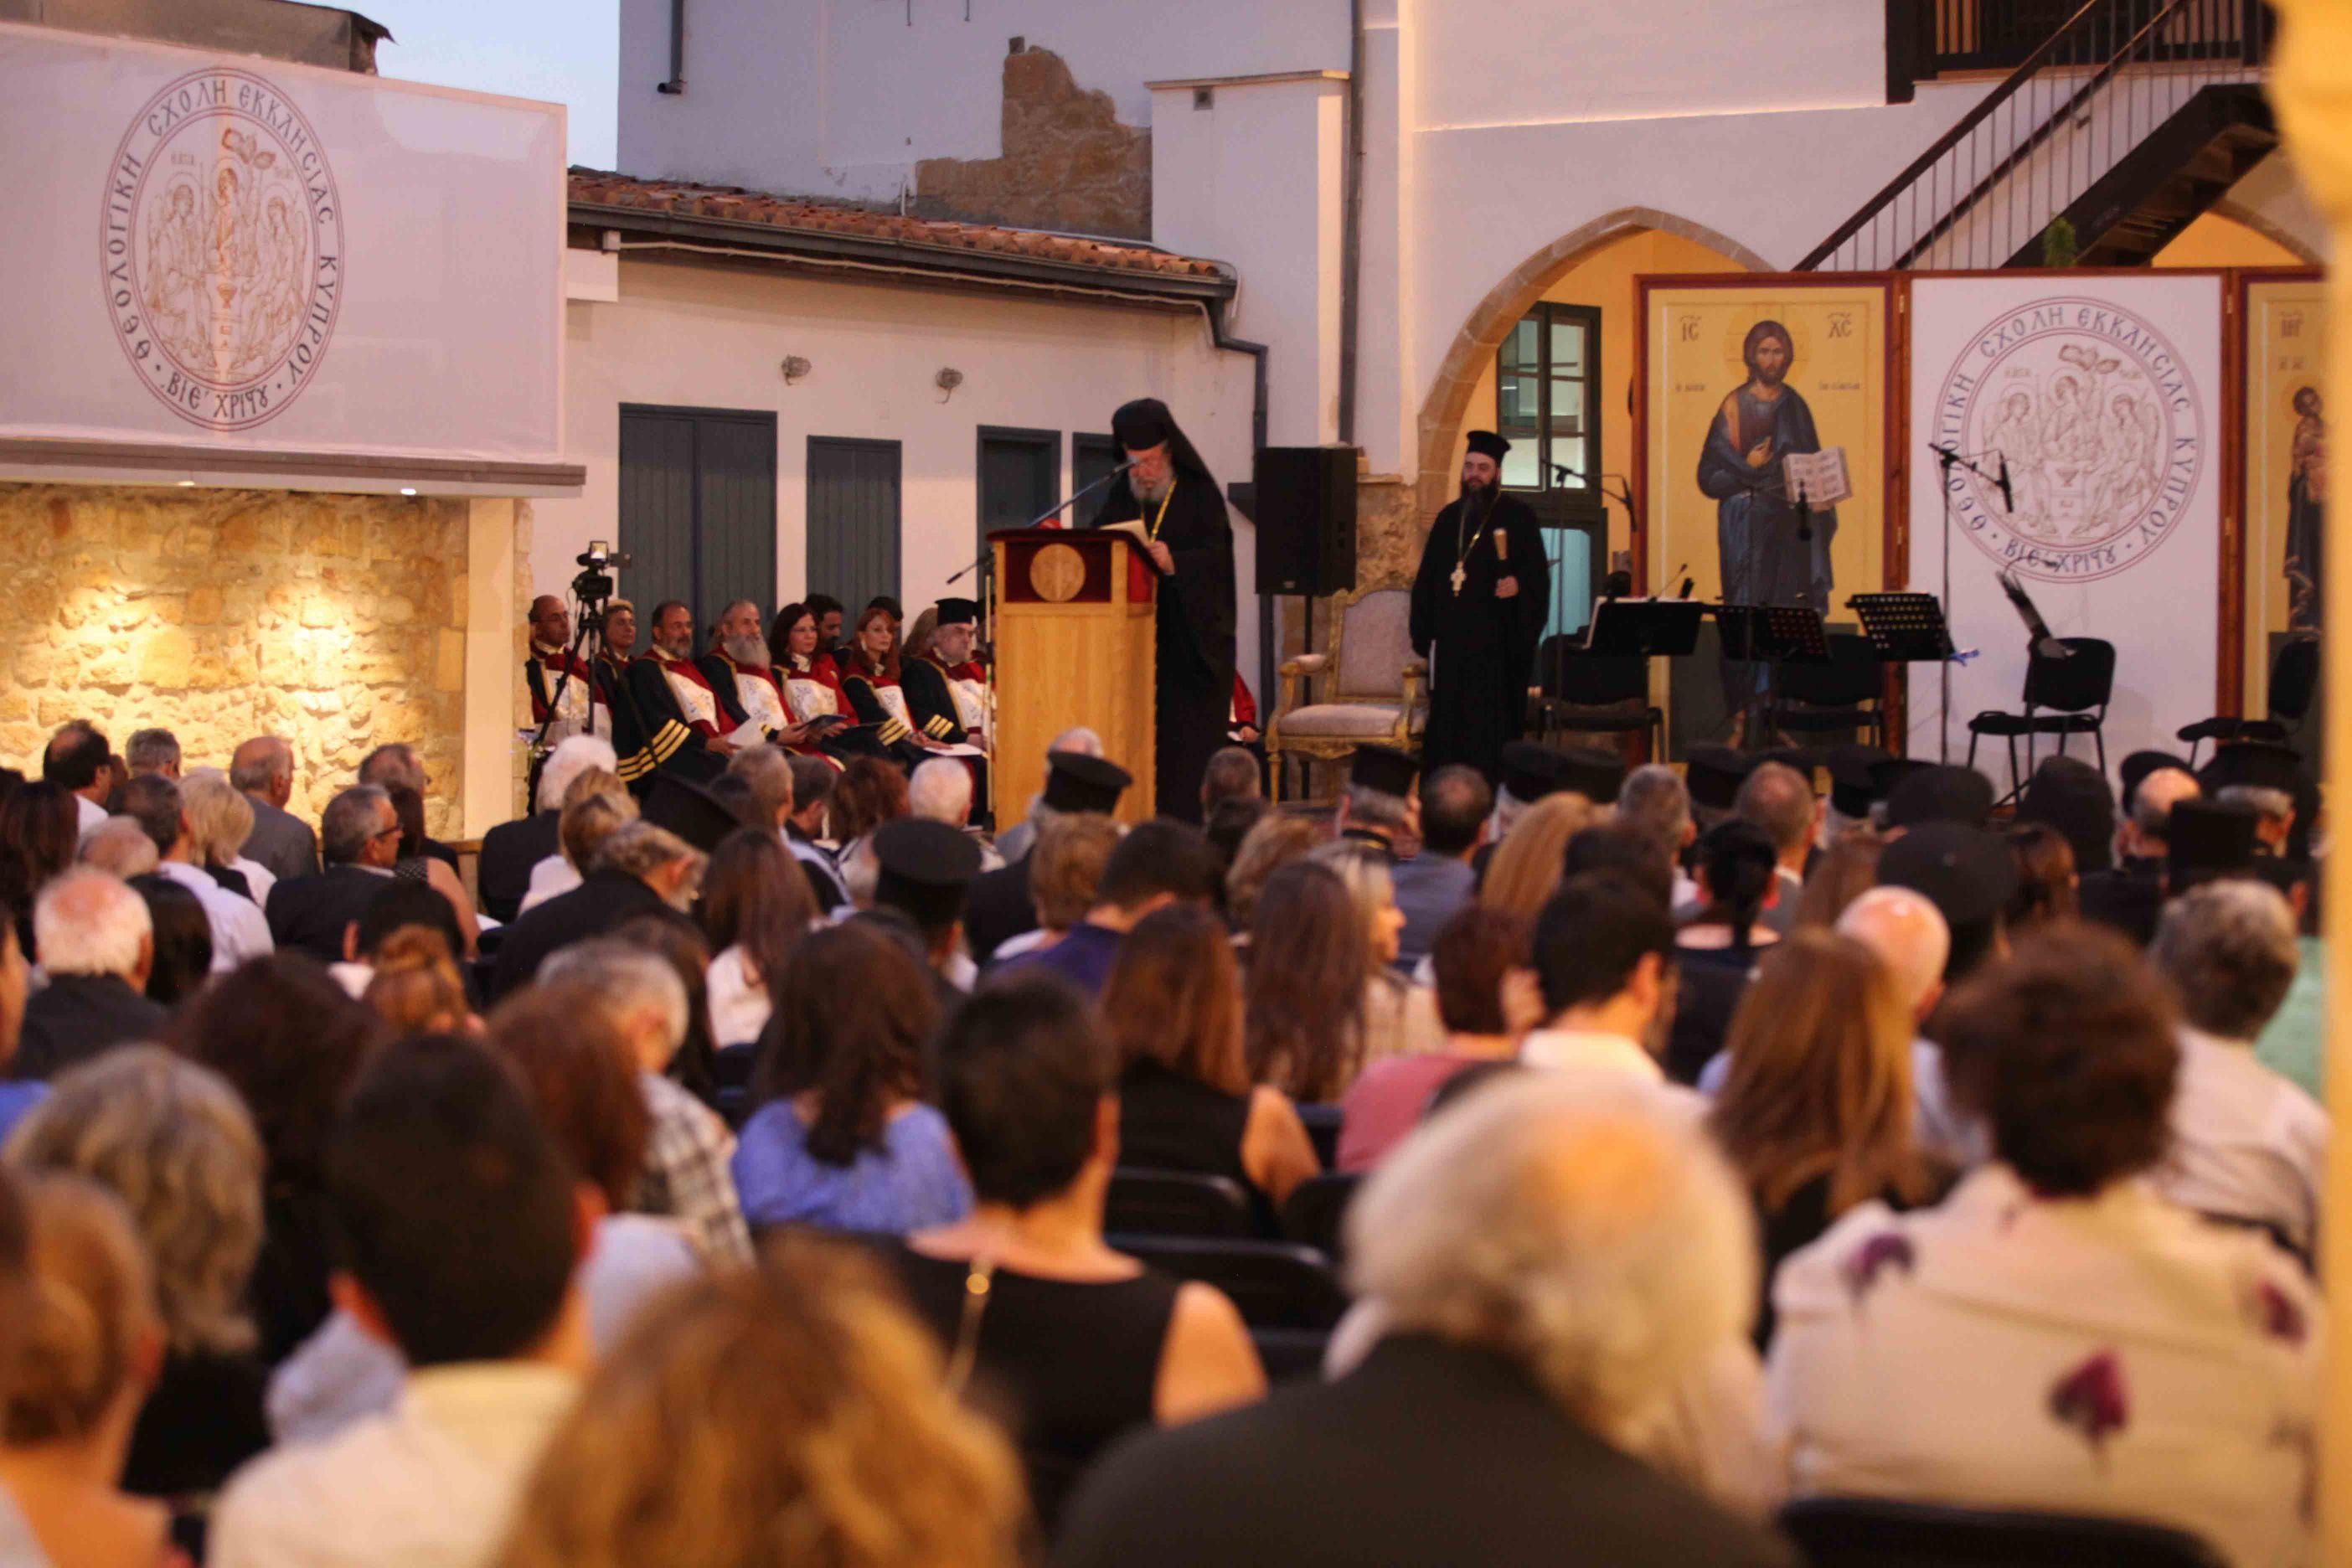 Αποφοίτησαν οι πρώτοι 17 φοιτητές της Θεολογικής Σχολής Εκκλησίας Κύπρου